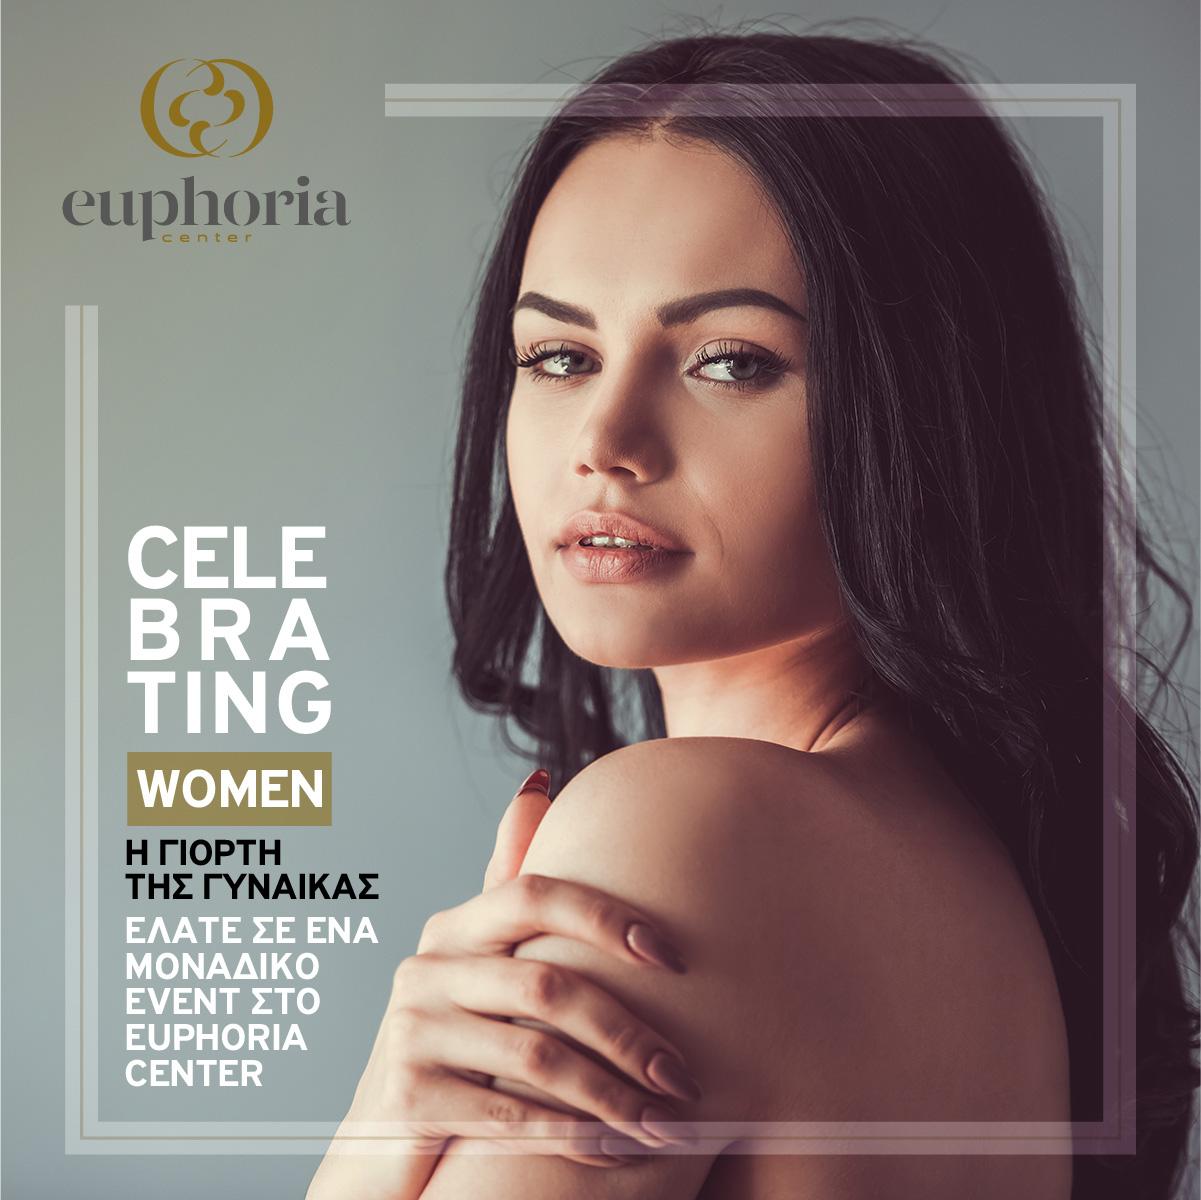 Γιορτή της γυναίκας - Ένα μοναδικό event από το euphoria center